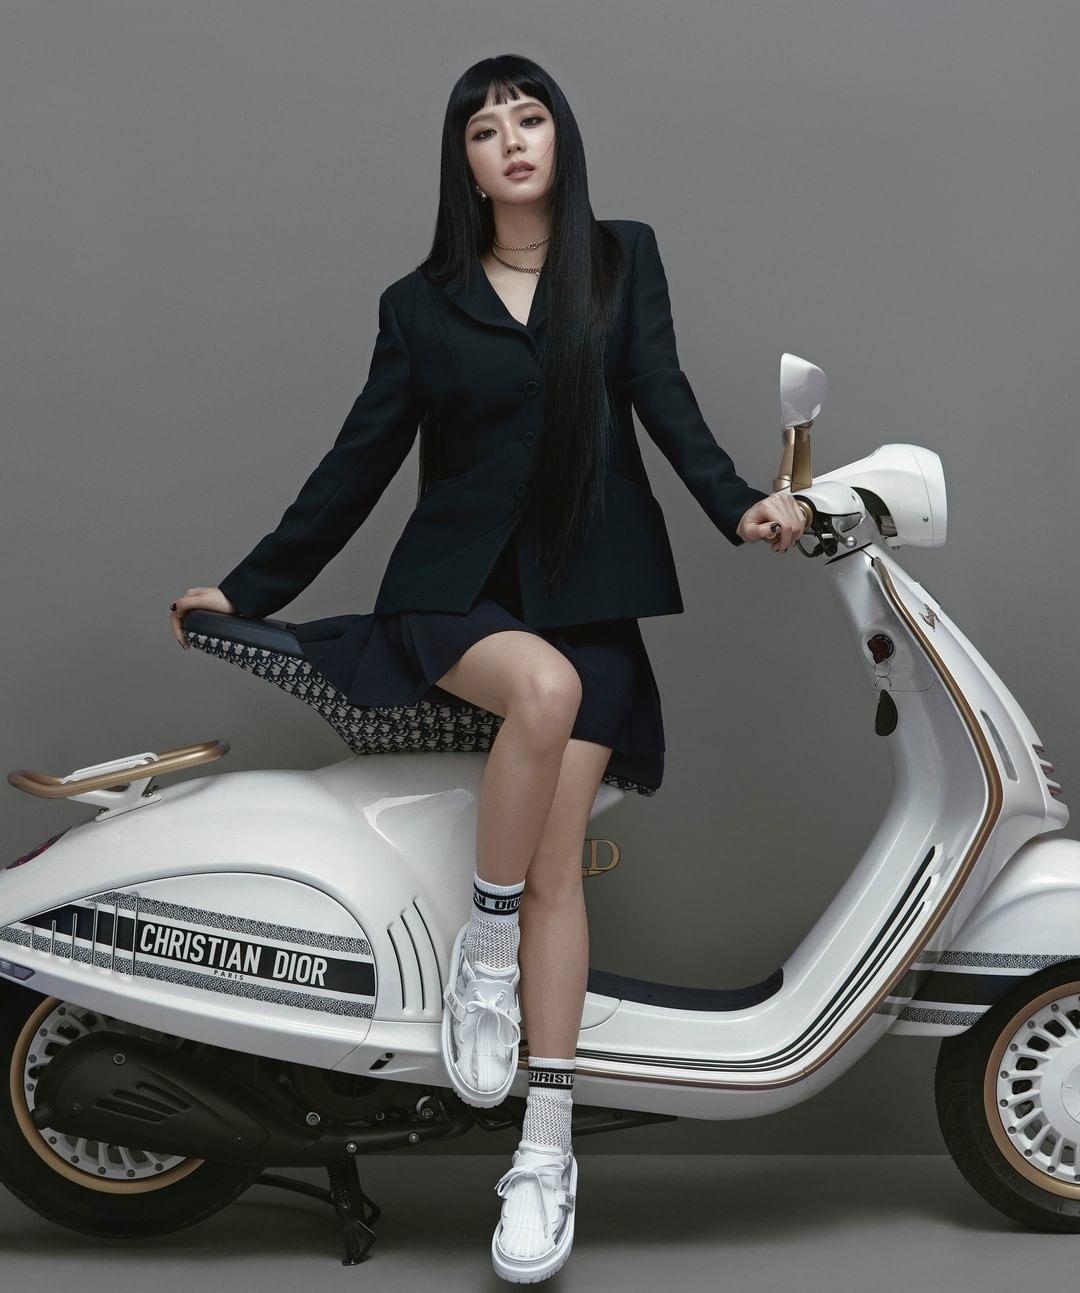 Jisoo Blackpink Vespa Dior